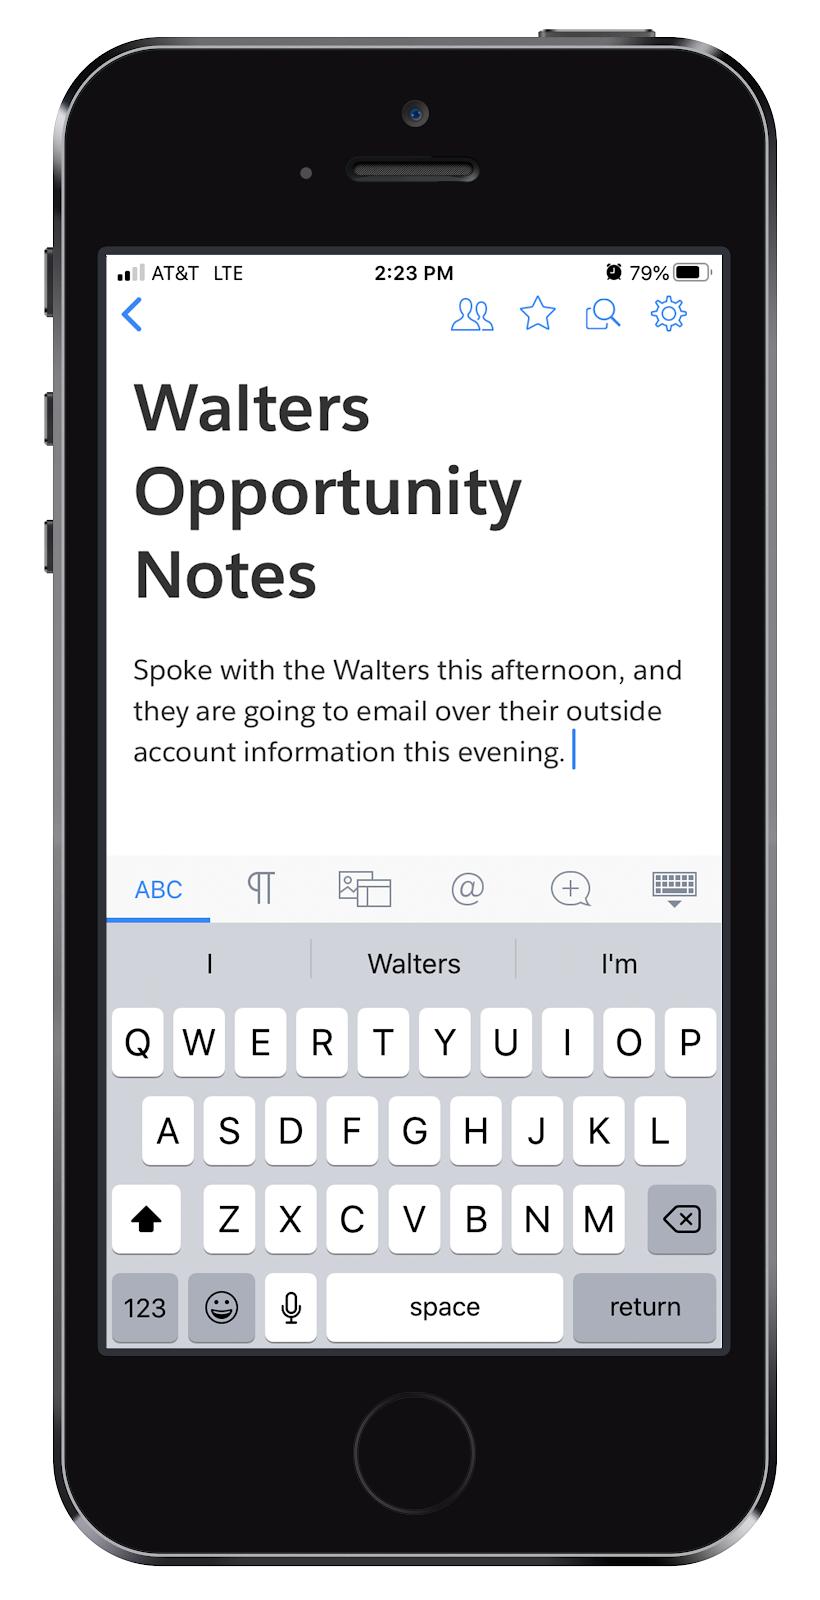 Un téléphone portable où l'on peut voir les modifications apportées par Damien aux notes d'opportunité des Walters dans Quip.